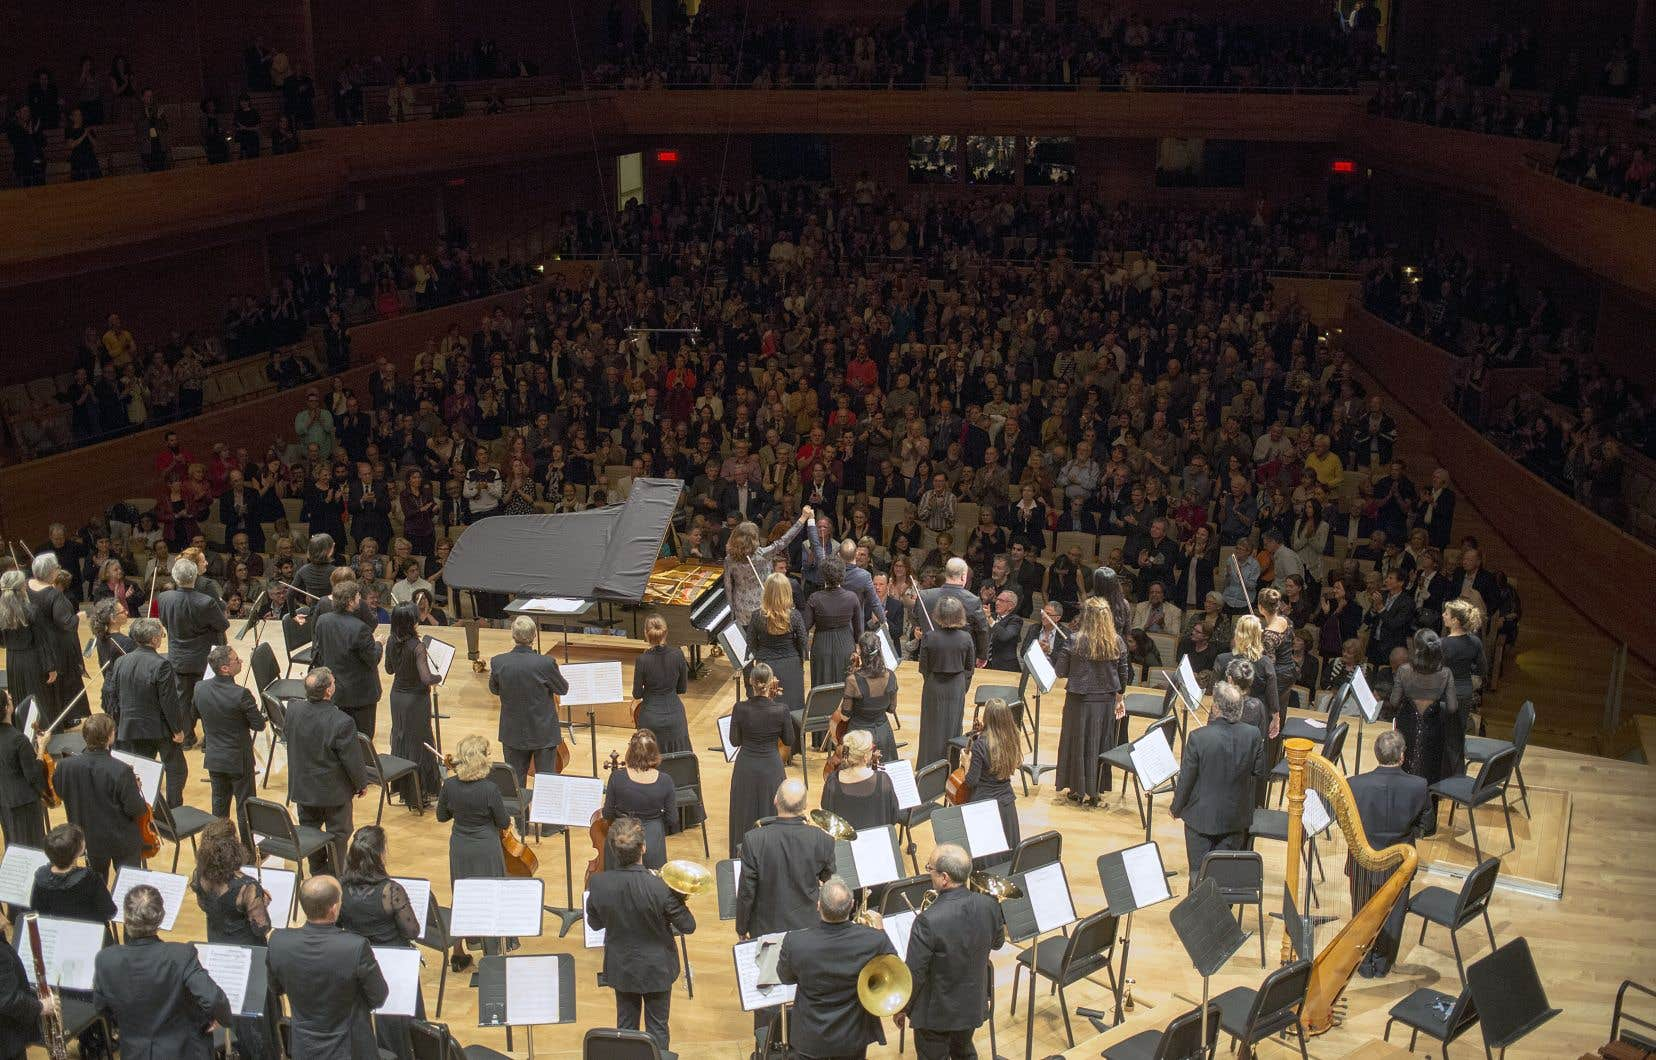 Yannick Nézet-Séguin affirme que son orchestre et lui sont comme des «touristes» à la Maison symphonique de Montréal: «Je ne peux pas rentrer, on reste bloqué dans les ascenseurs parce qu'on n'a même pas de cartes magnétiques d'accès!»